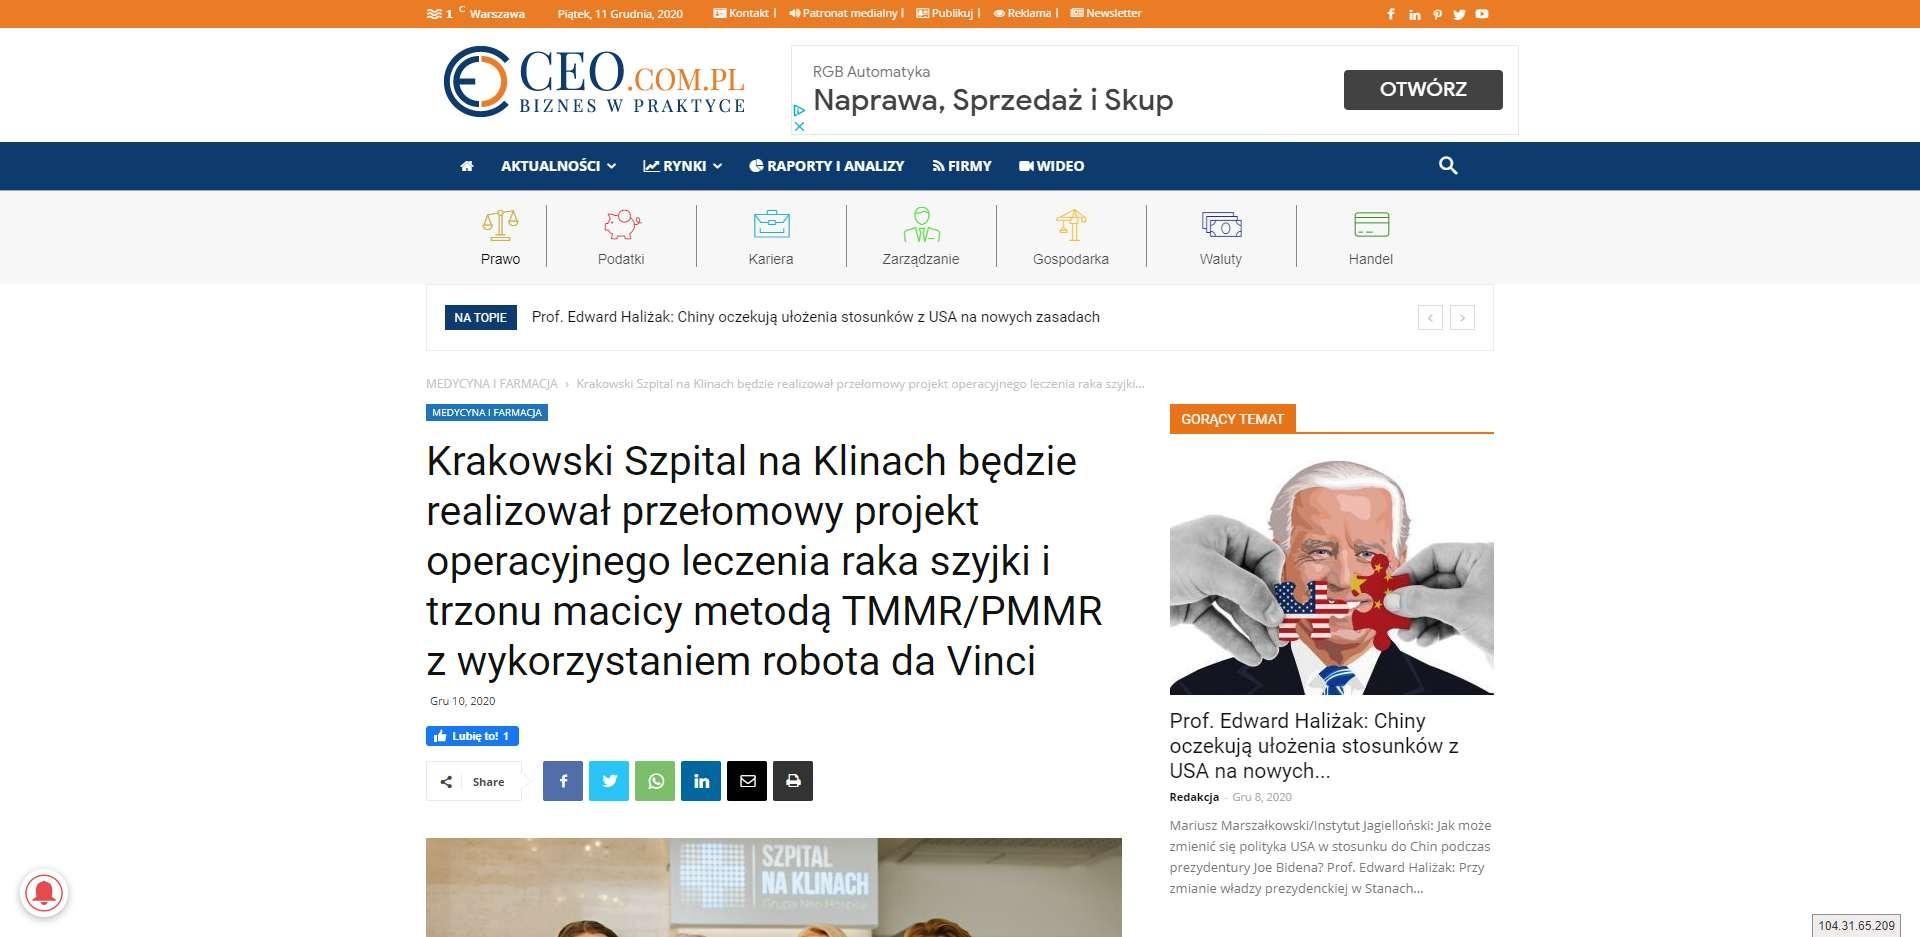 krakowski szpital na klinach bedzie realizowal przelomowy projekt operacyjnego leczenia raka szyjki i trzonu macicy metoda tmmr pmmr z wykorzystaniem robota da vinci